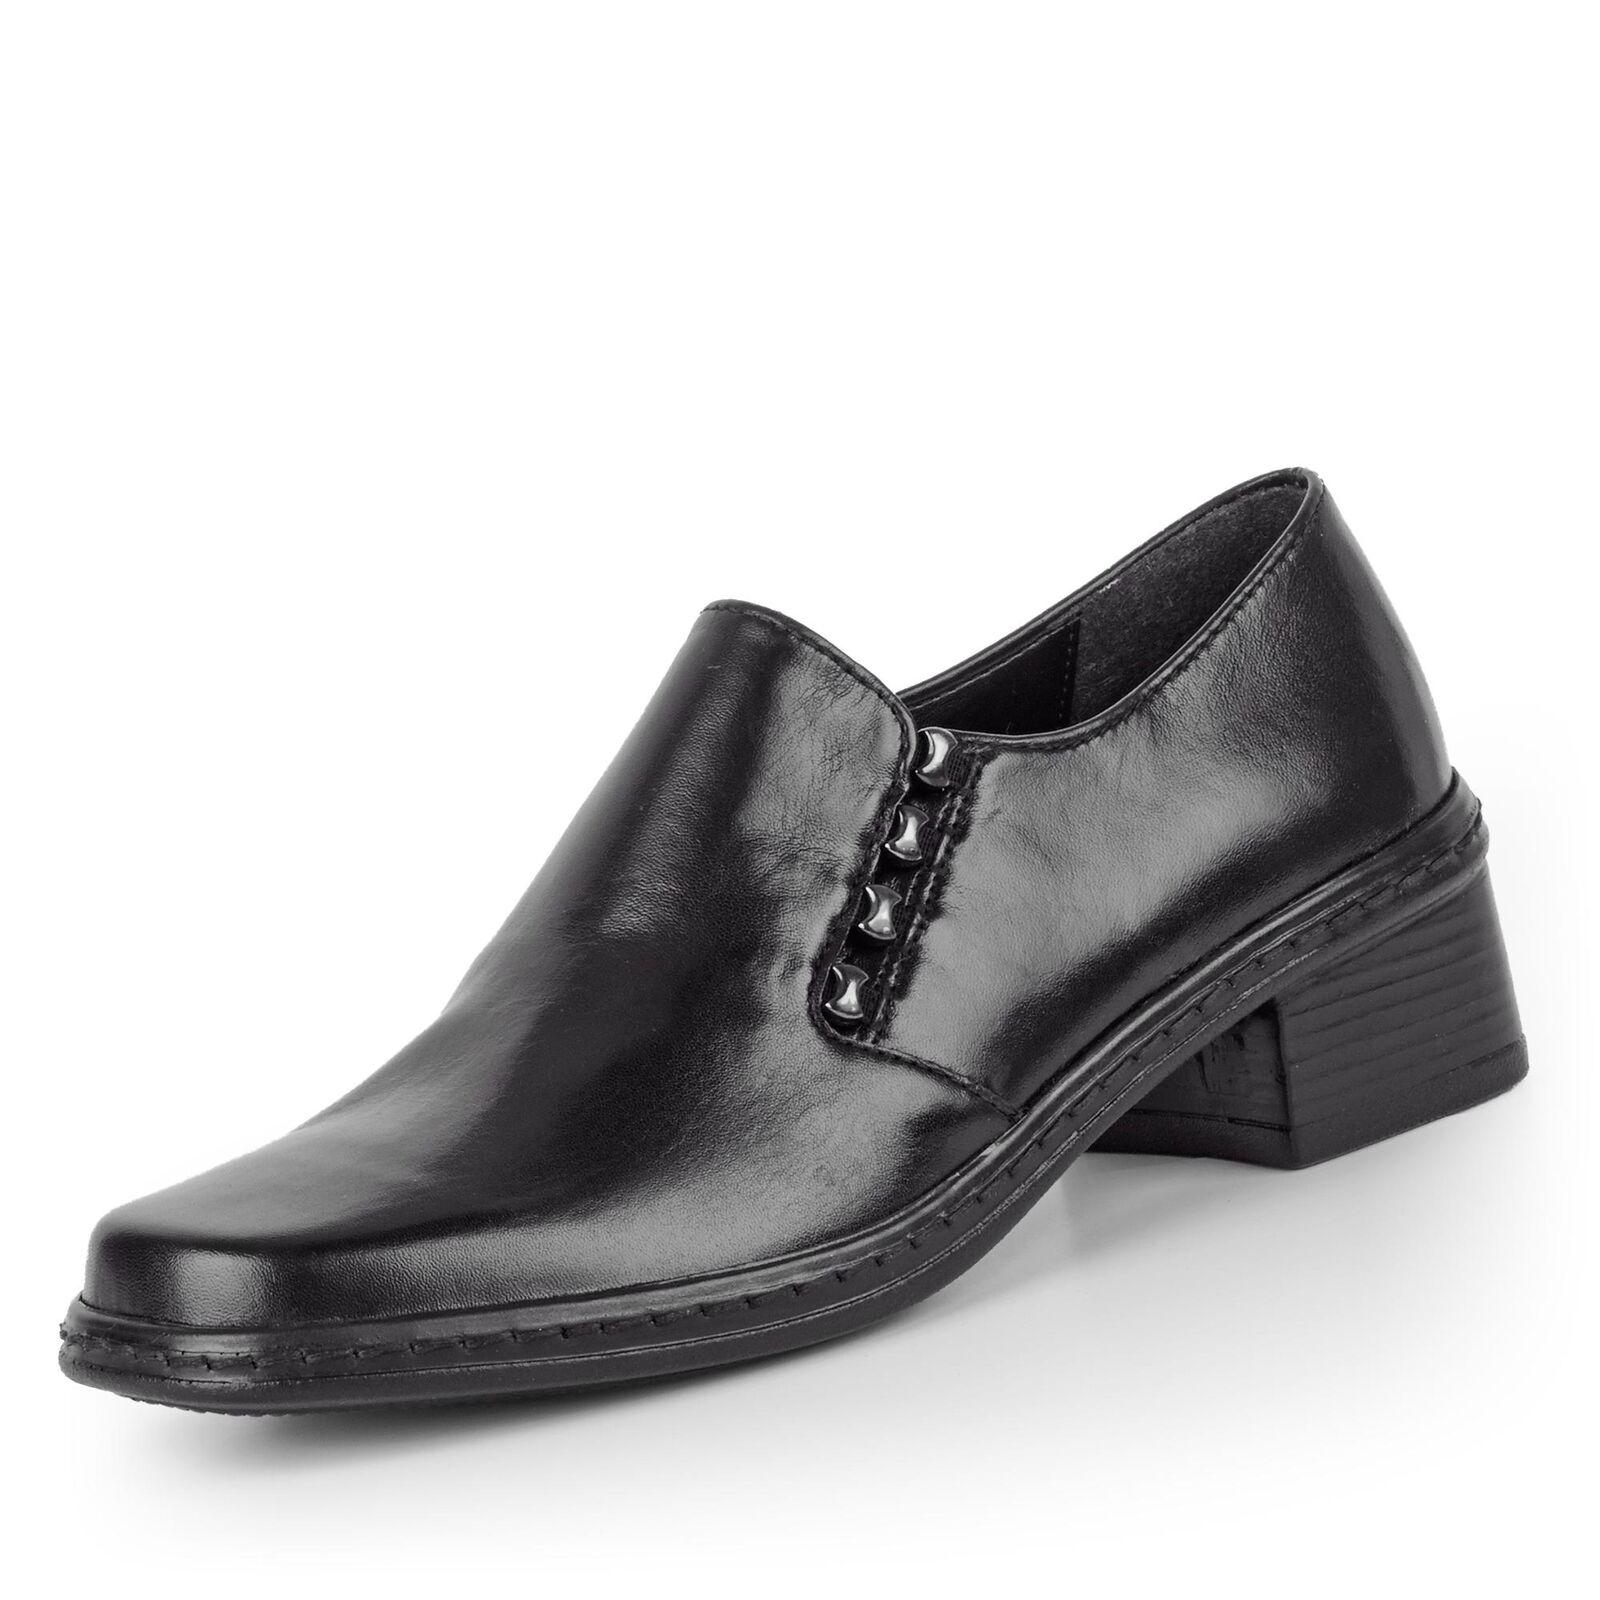 ROMIKA Tabea 17 Damen Slipper Schwarz Schuhe in